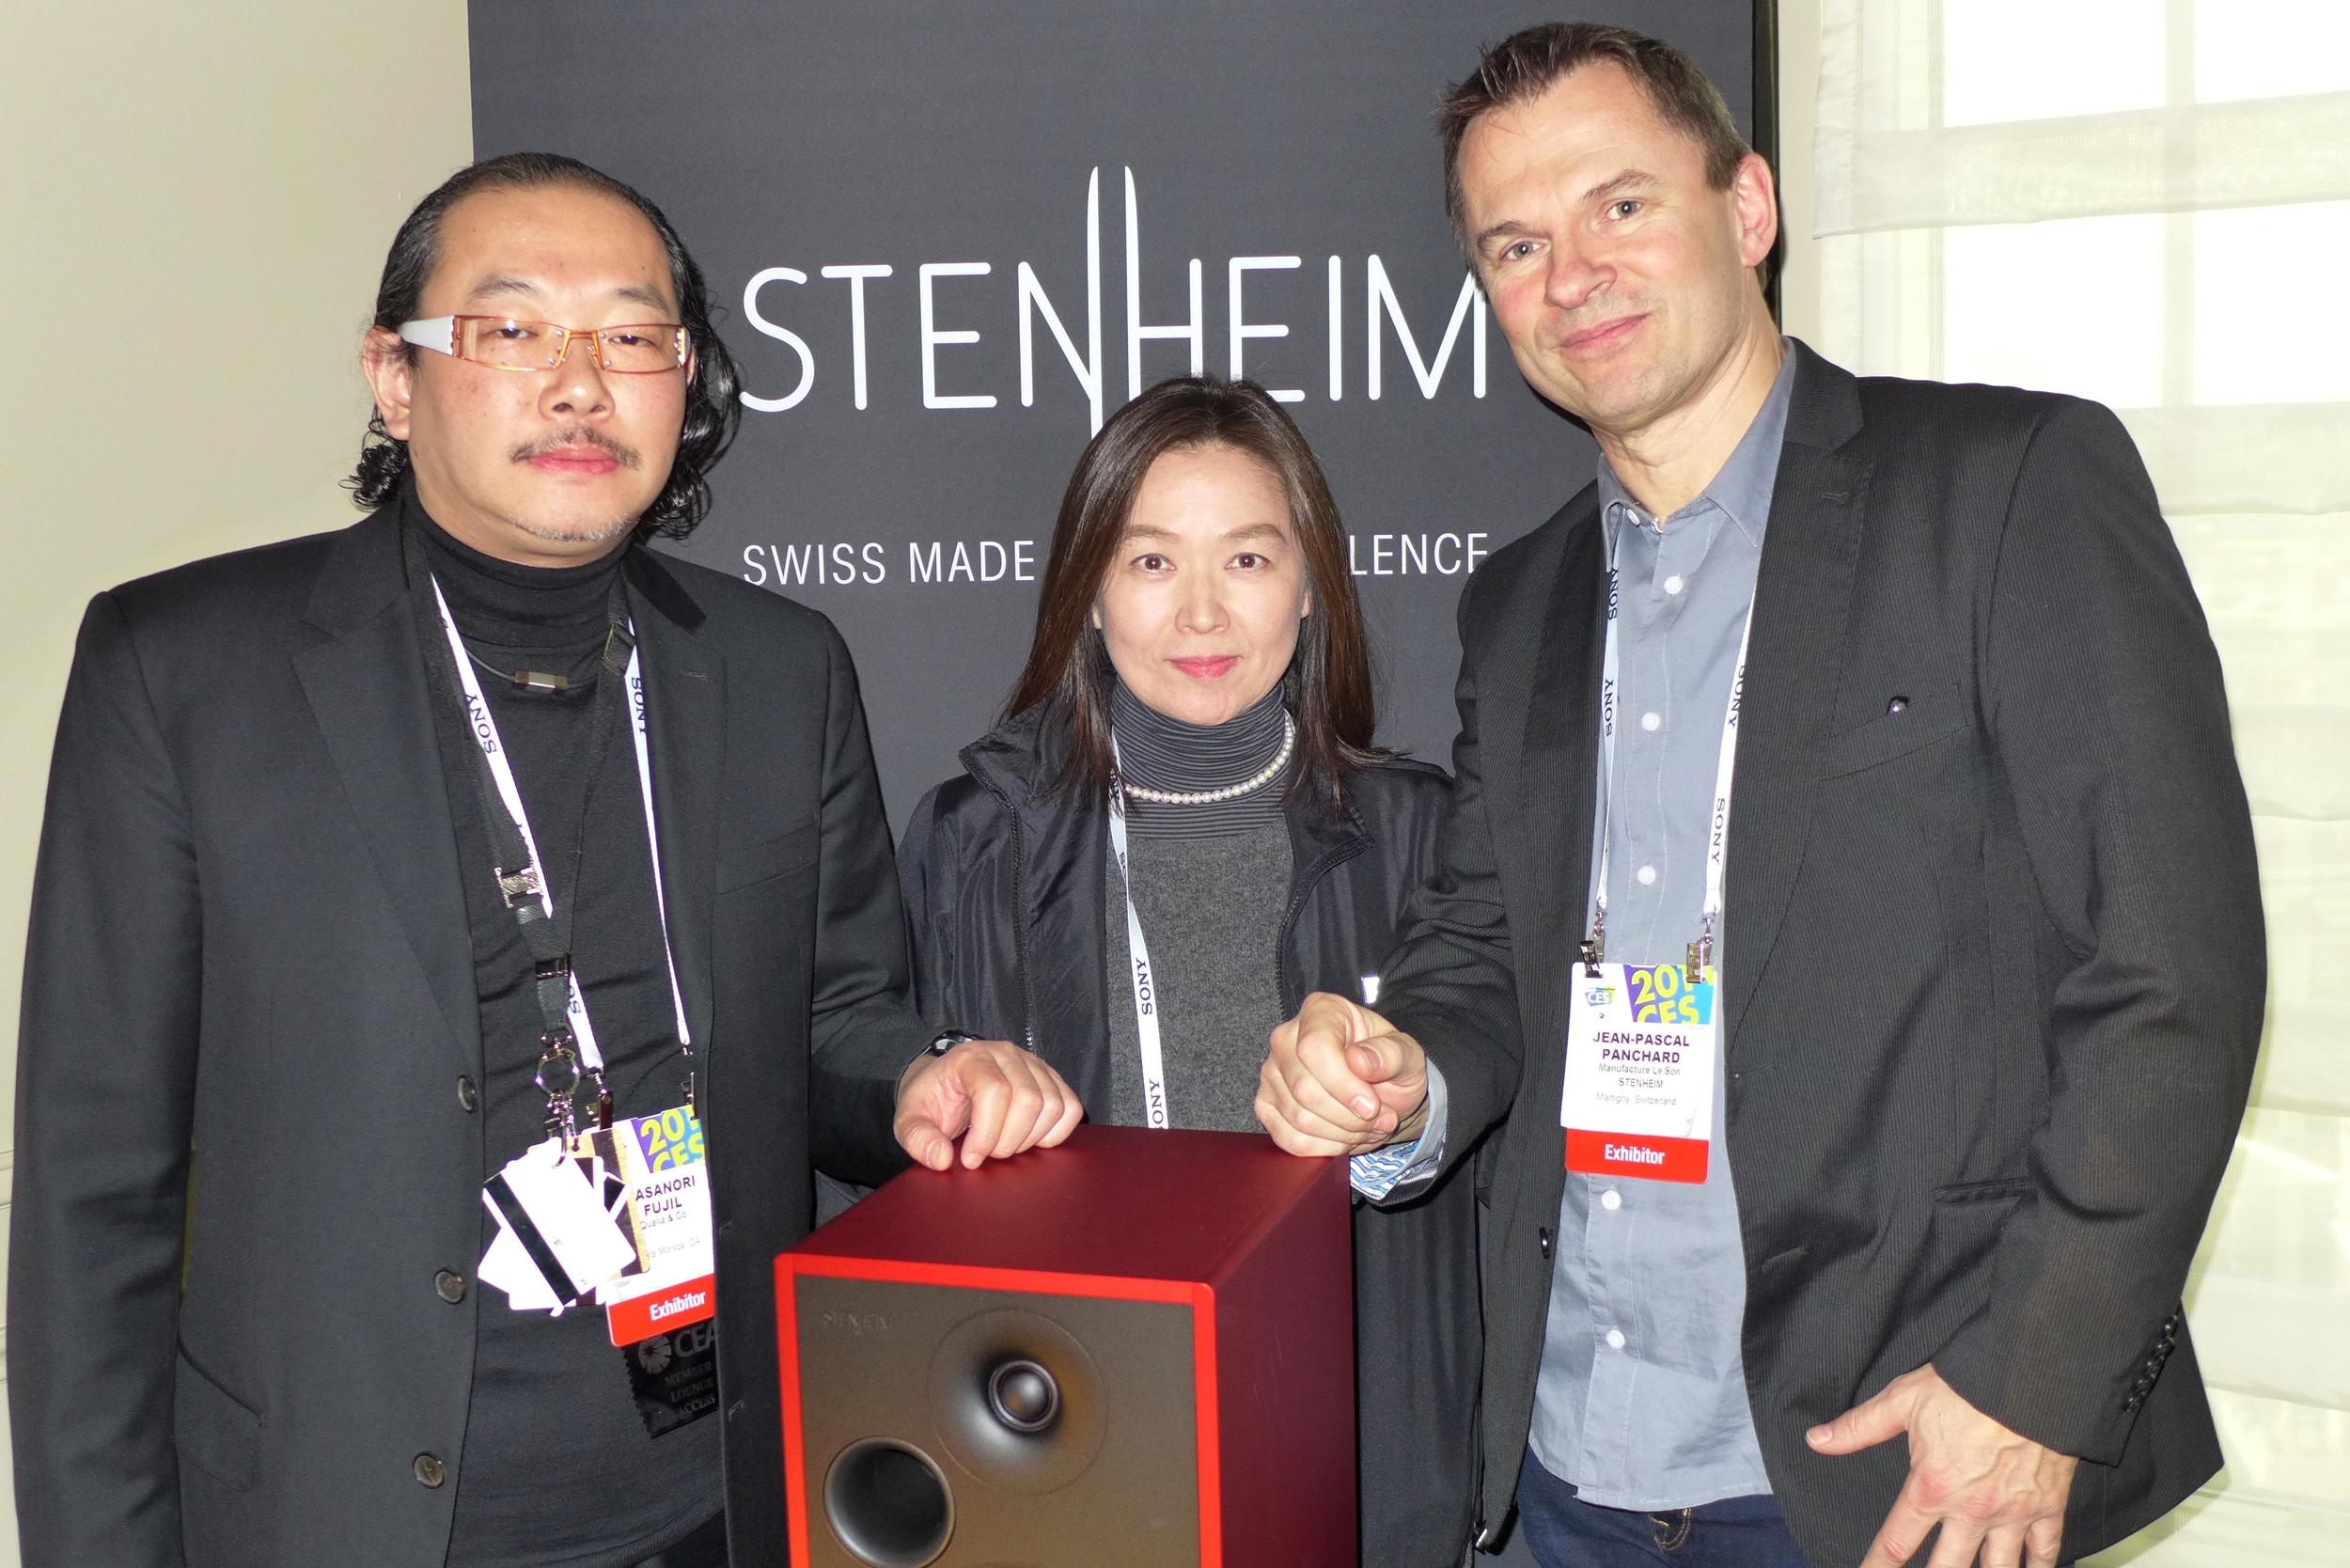 Mrs et Mr Fujii of Qualia - Mr Panchard of Stenheim